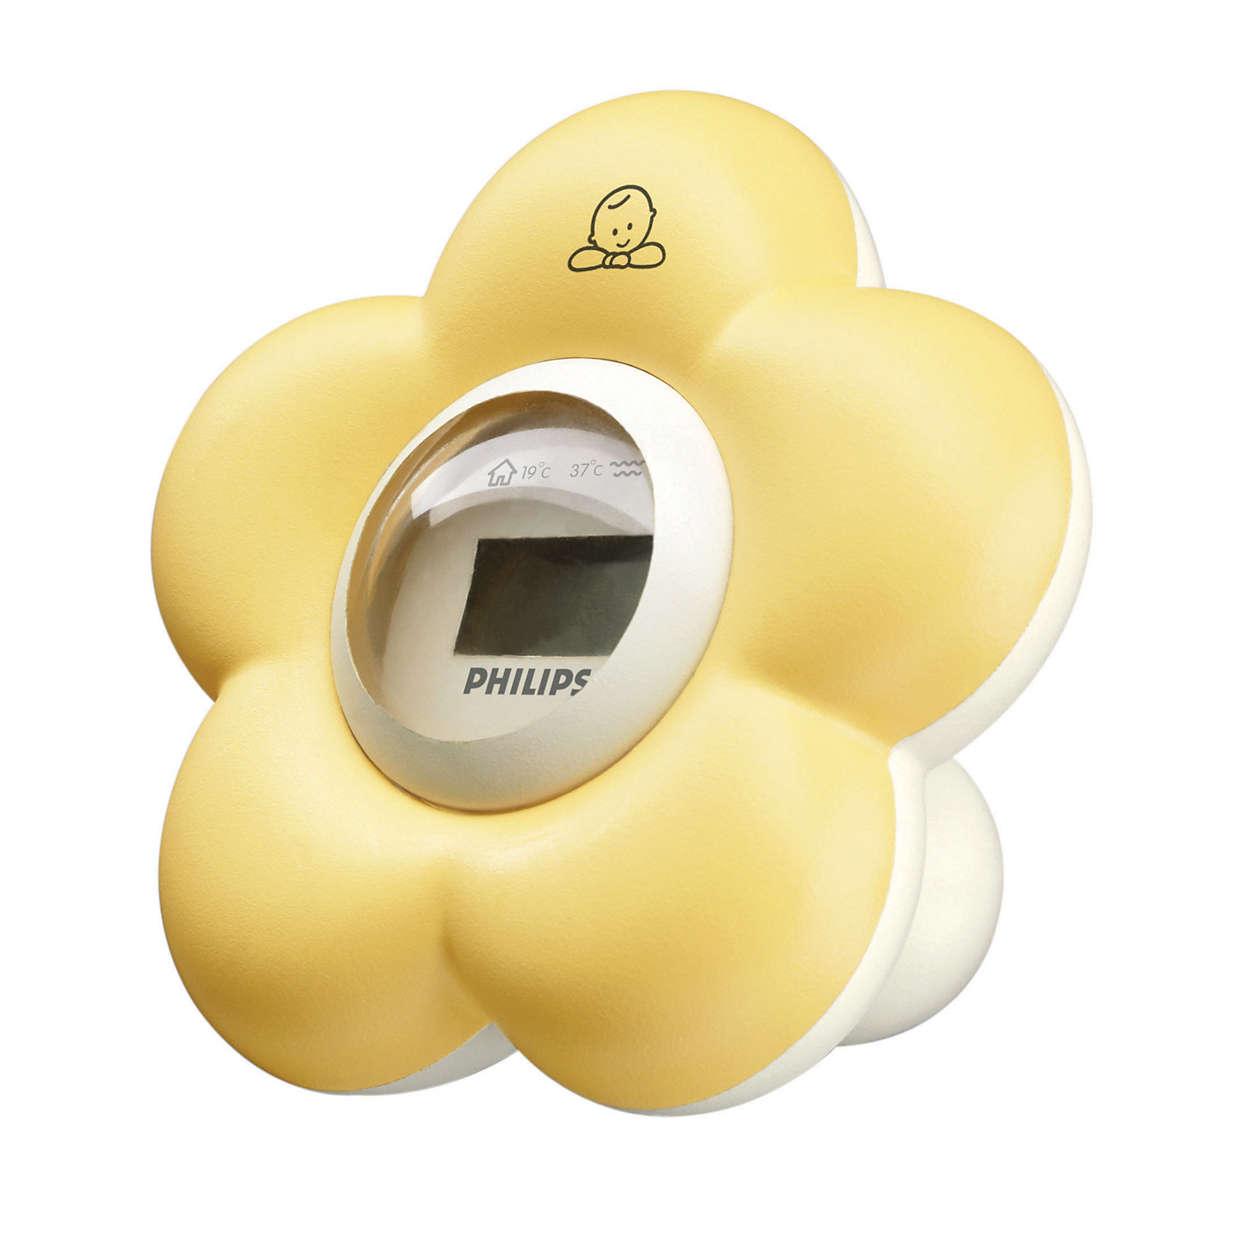 Thermom tre bain et chambre pour b b sch550 00 avent - Thermometre chambre bebe ...